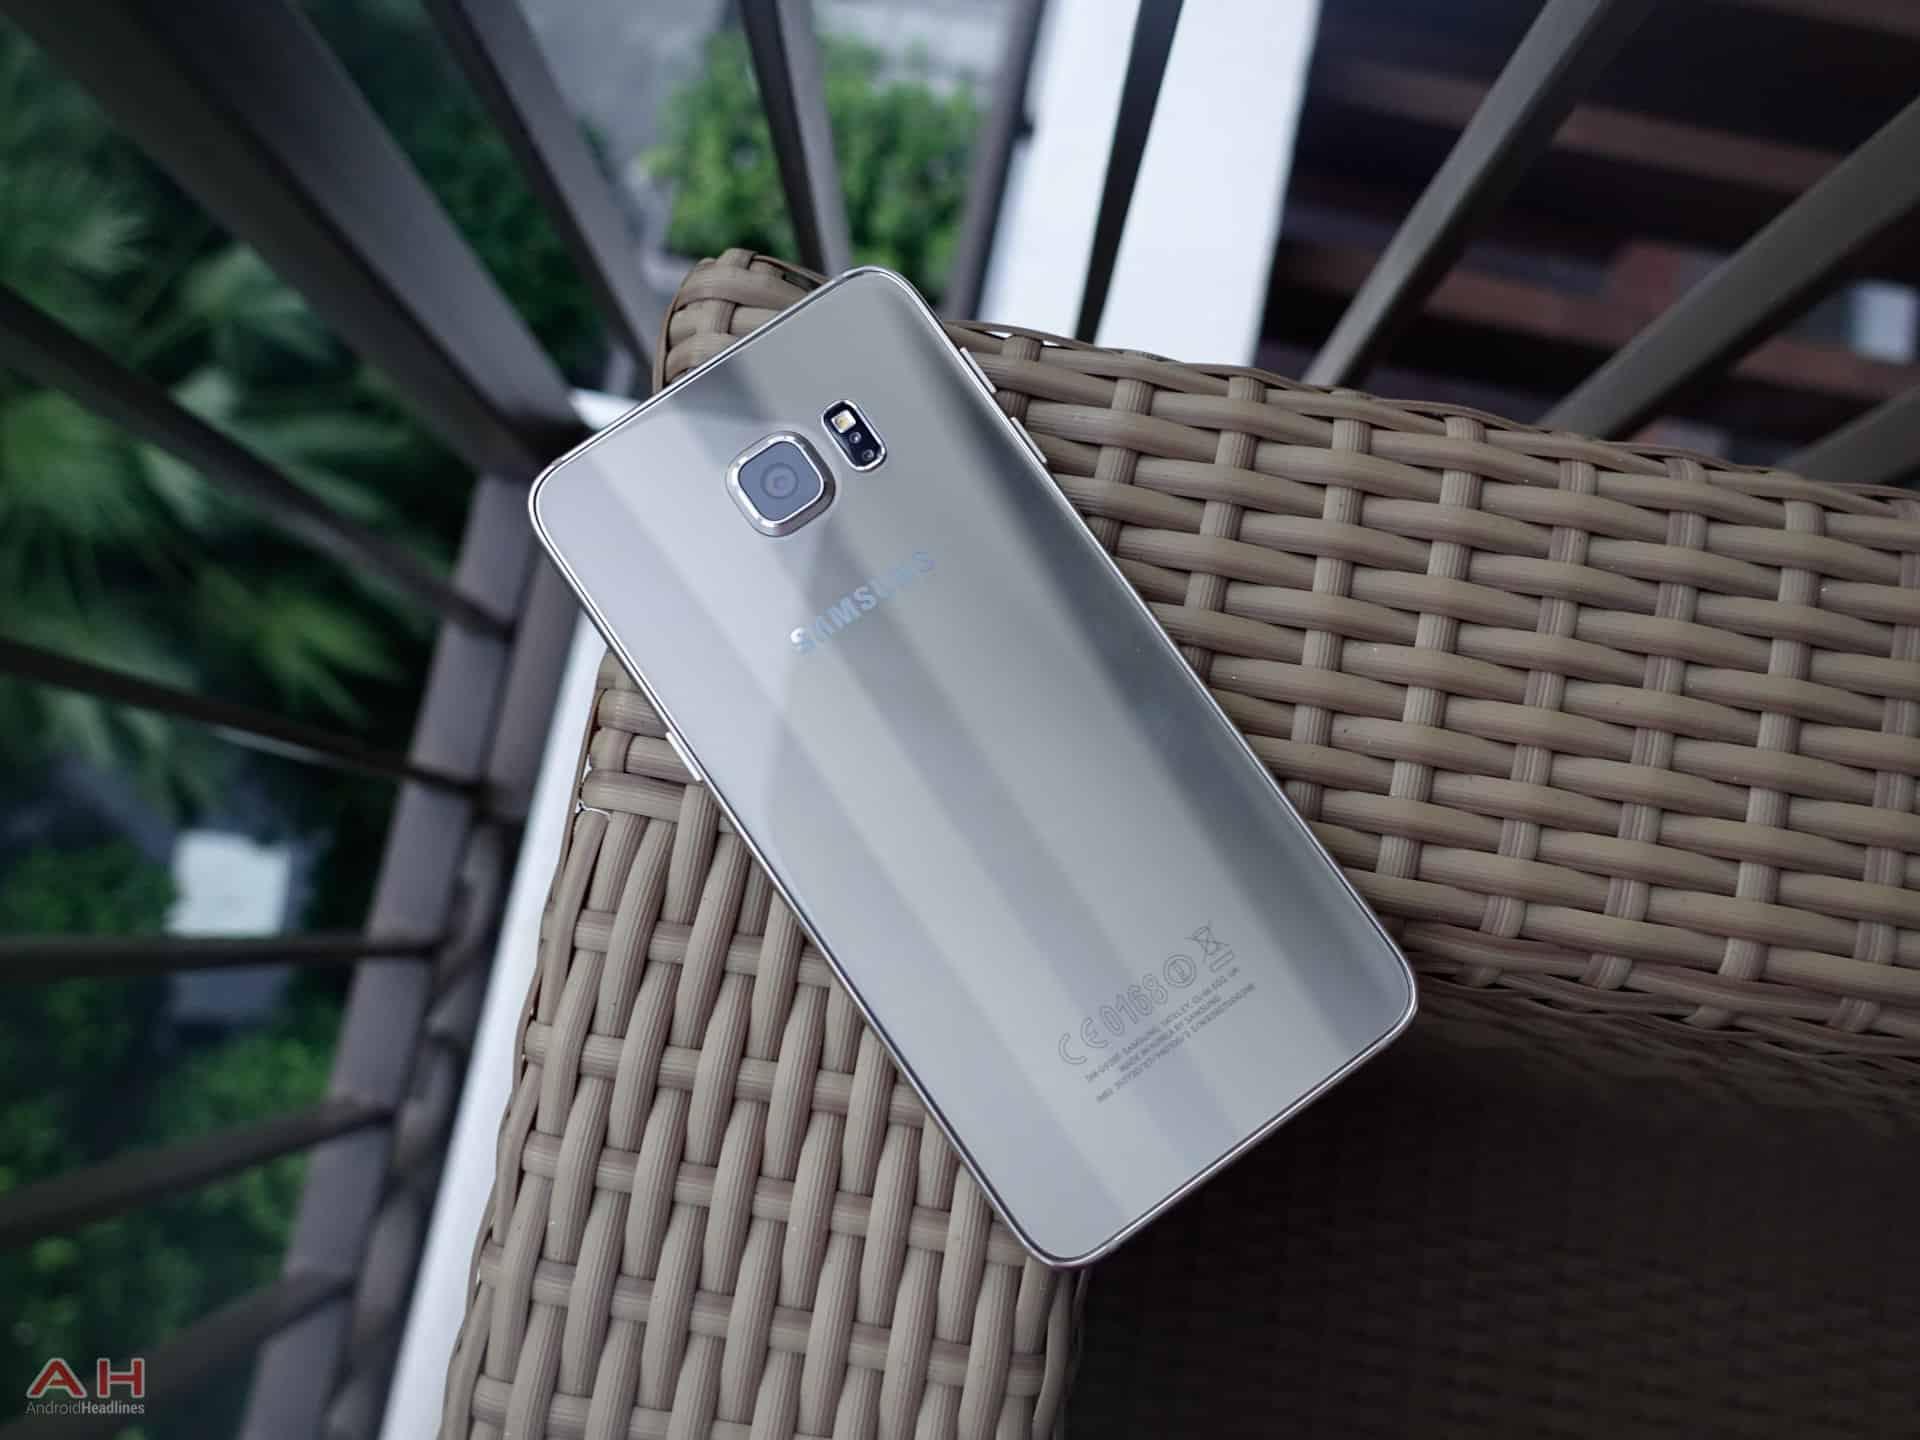 Samsung-Galaxy-S6-Edge-Plus-AH-4-2